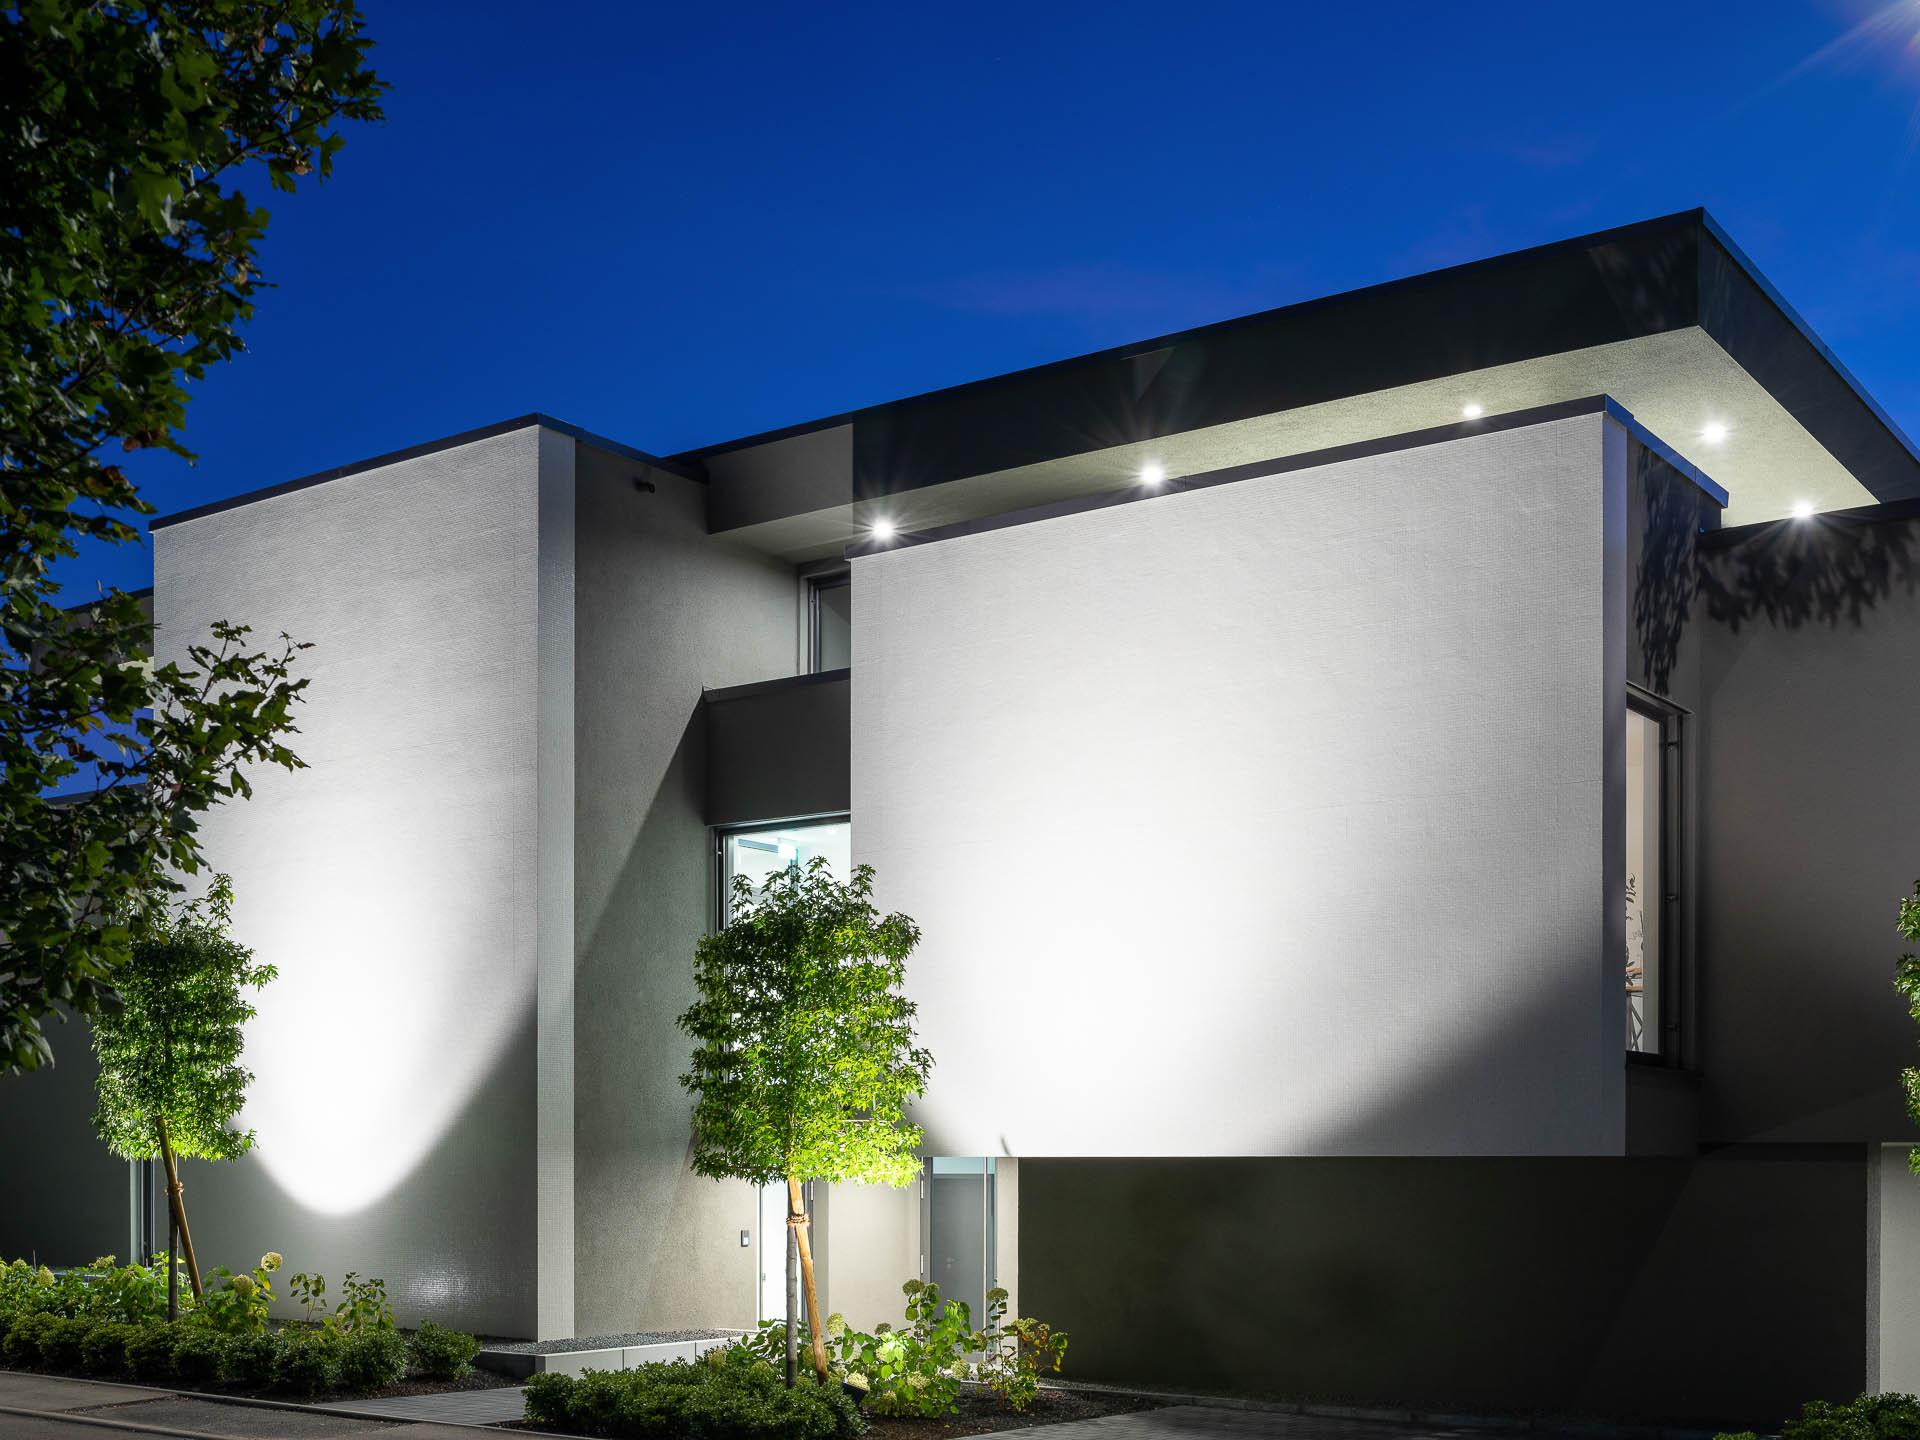 Architekturfotograf Remstal Dirk Wilhelmy: Bürogebäude von Frank Architekten in Kernen Im Remstal